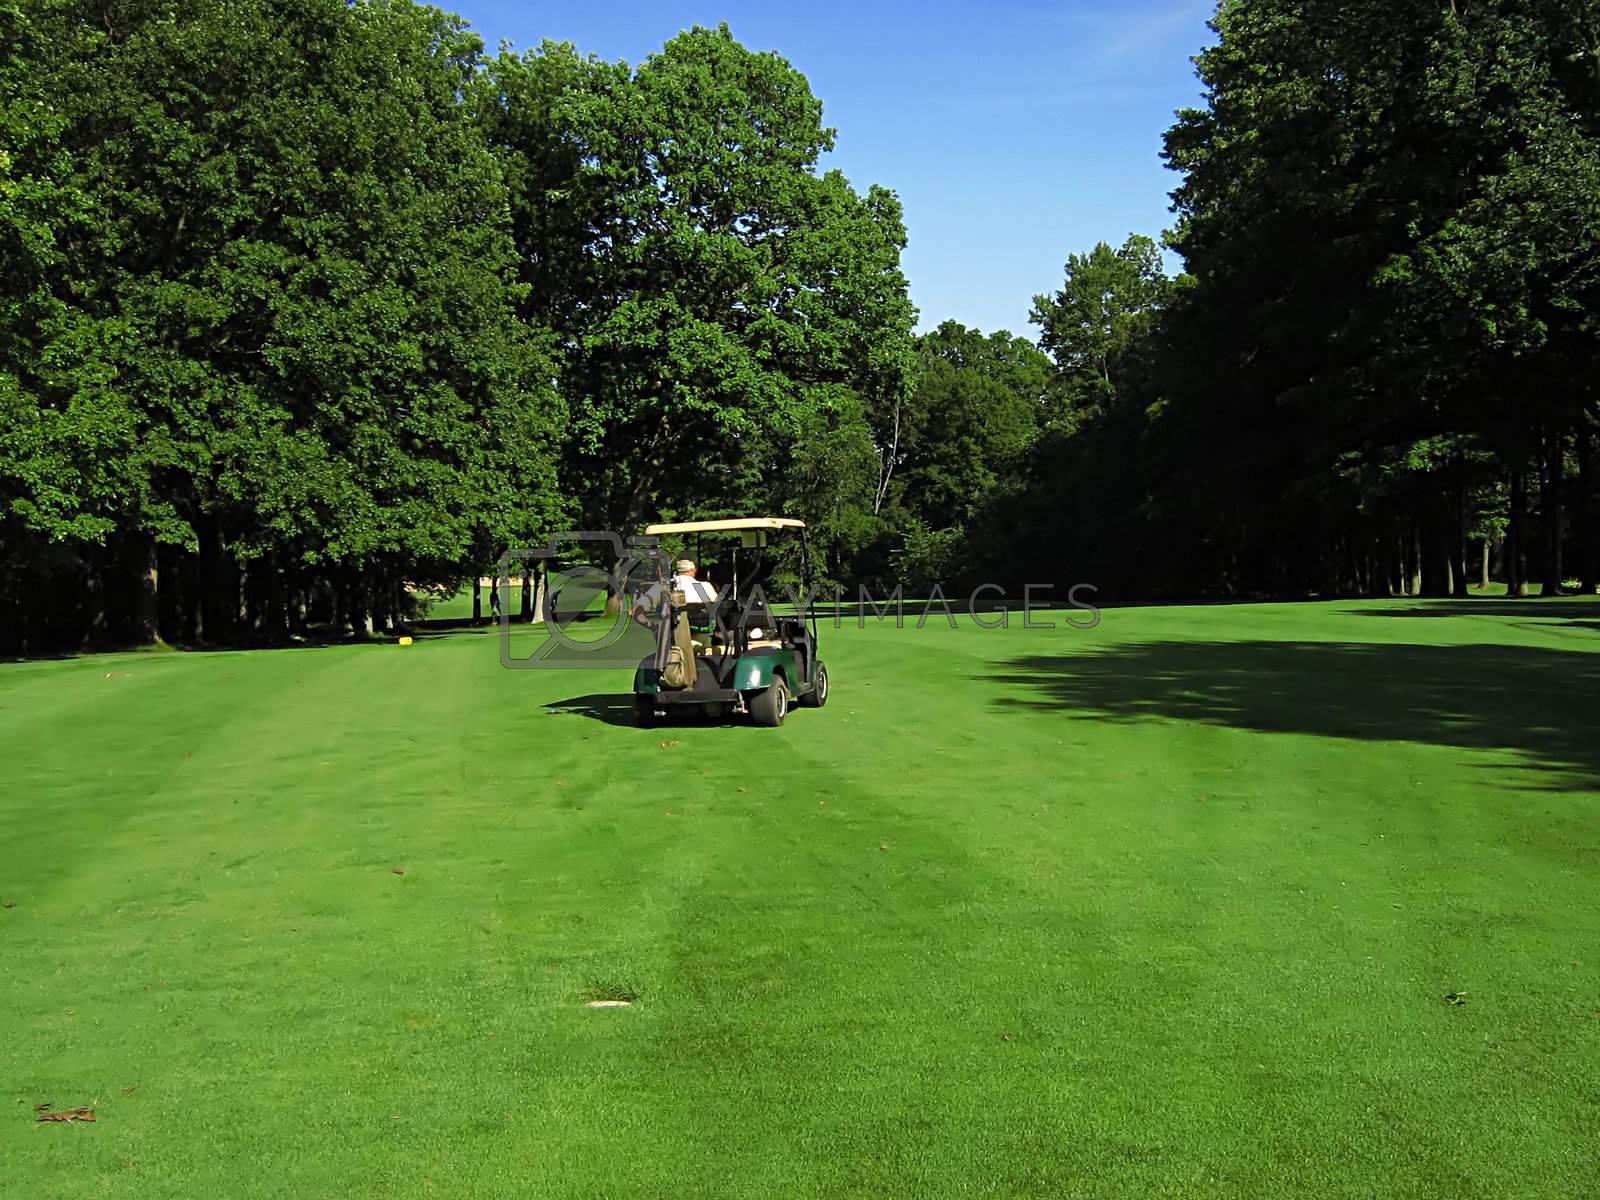 A photograph of a golf cart on a golf course.